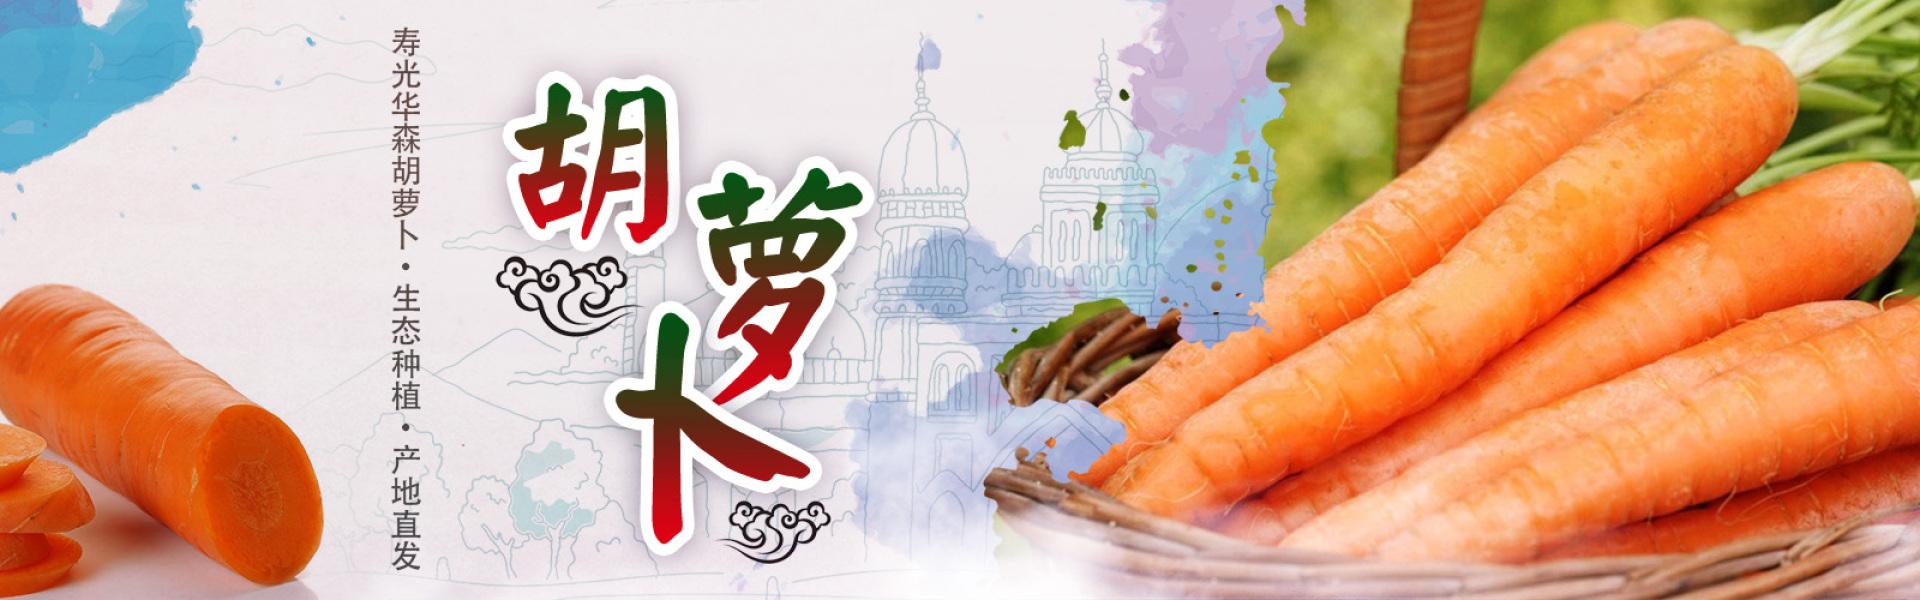 寿光胡萝卜加工,寿光胡萝卜出口,寿光土豆出口销售,寿光绿色蔬菜出口